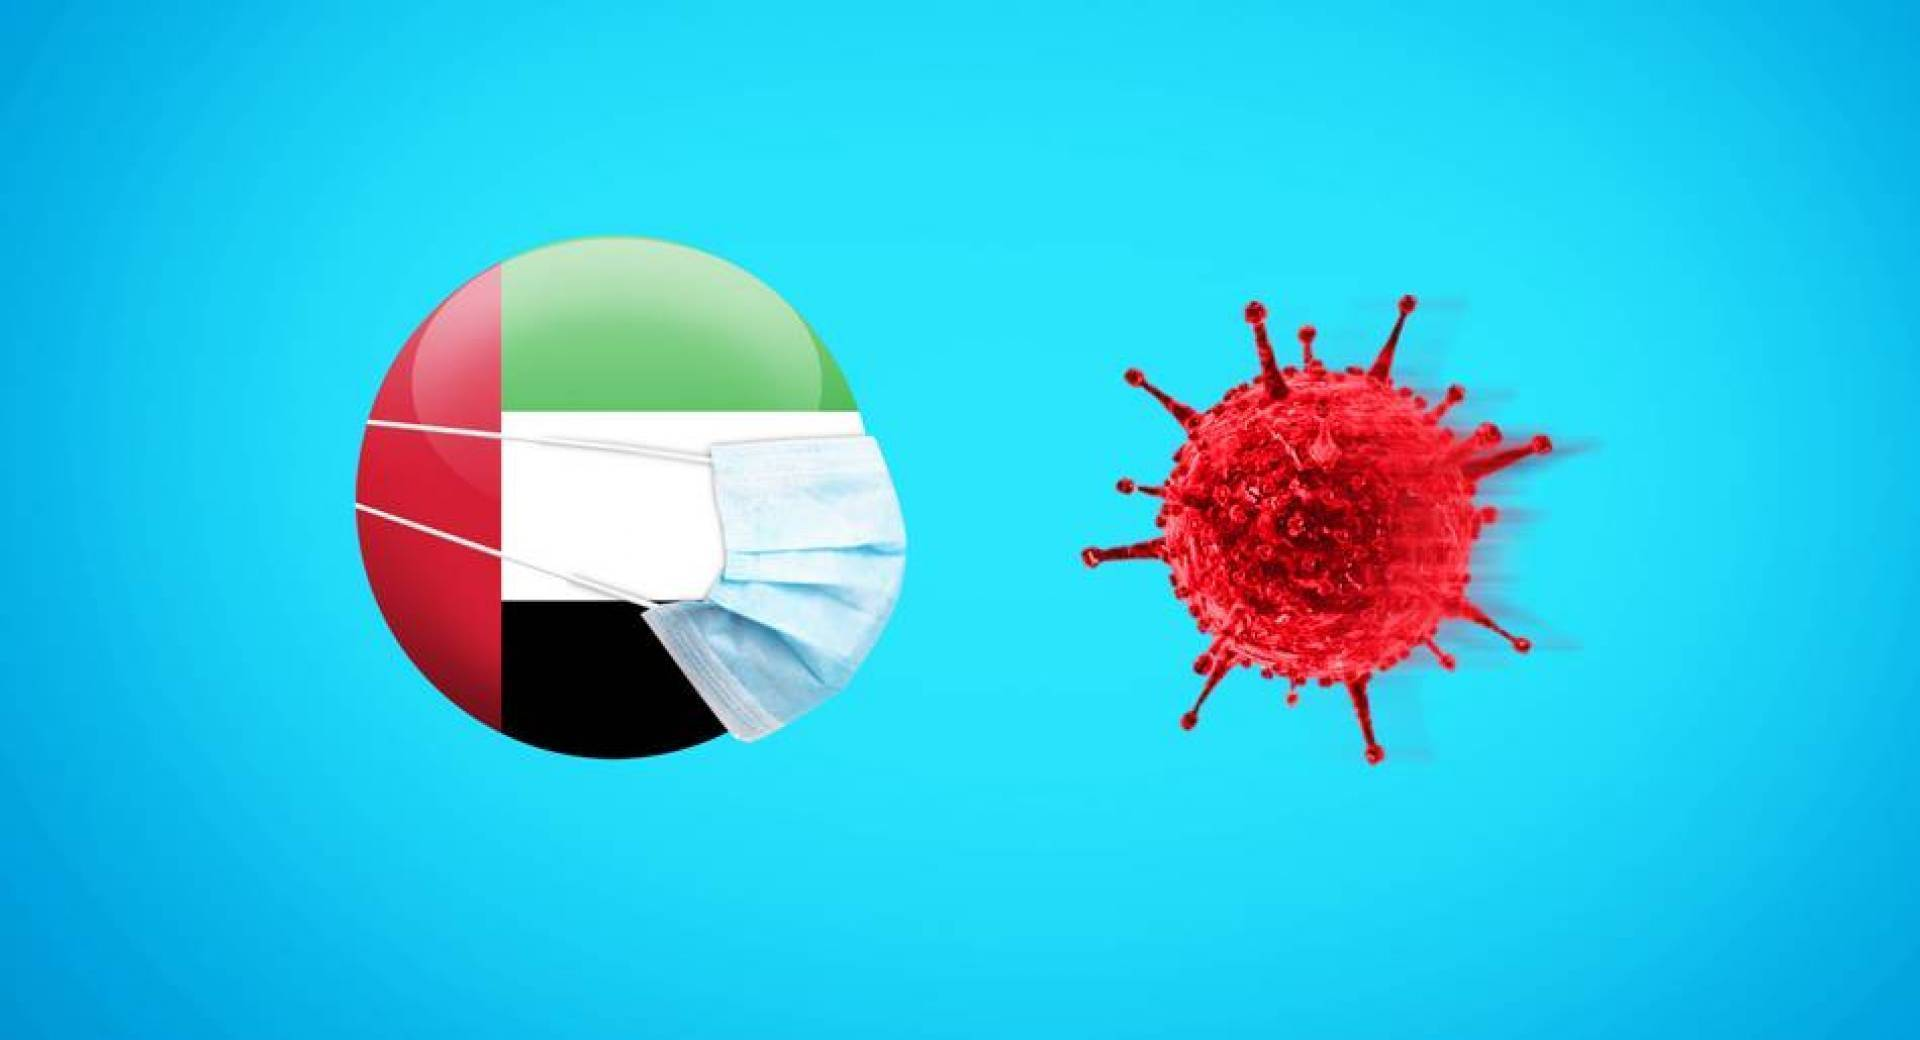 الإمارات تُسجل 85 إصابة جديدة بفيروس كورونا